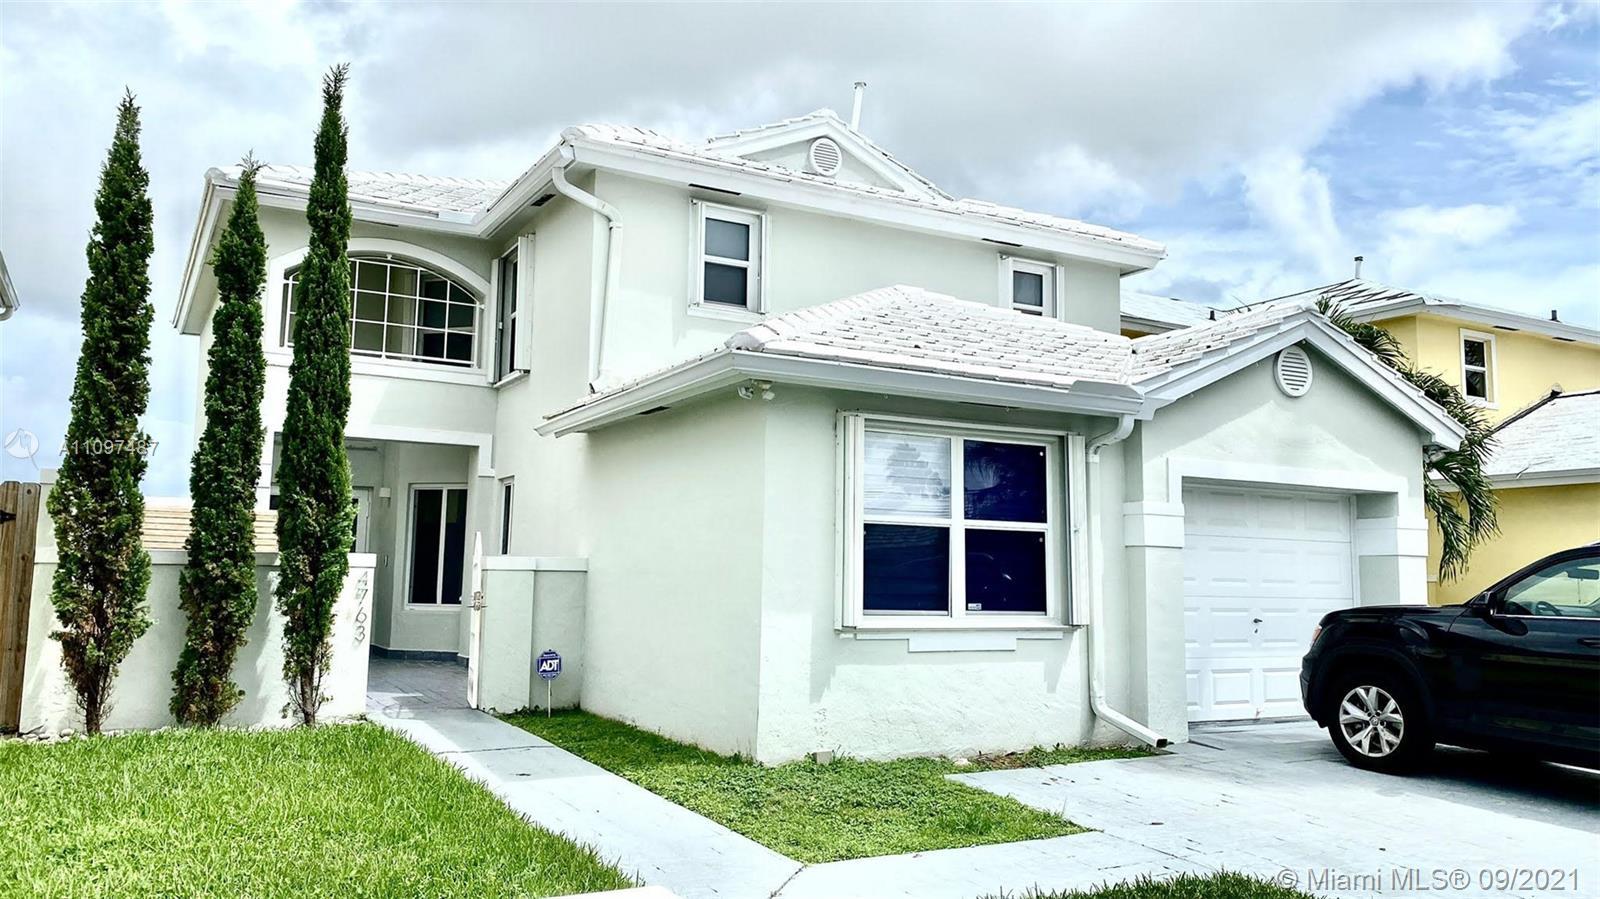 4763 154th Ave, Miami, Florida 33185